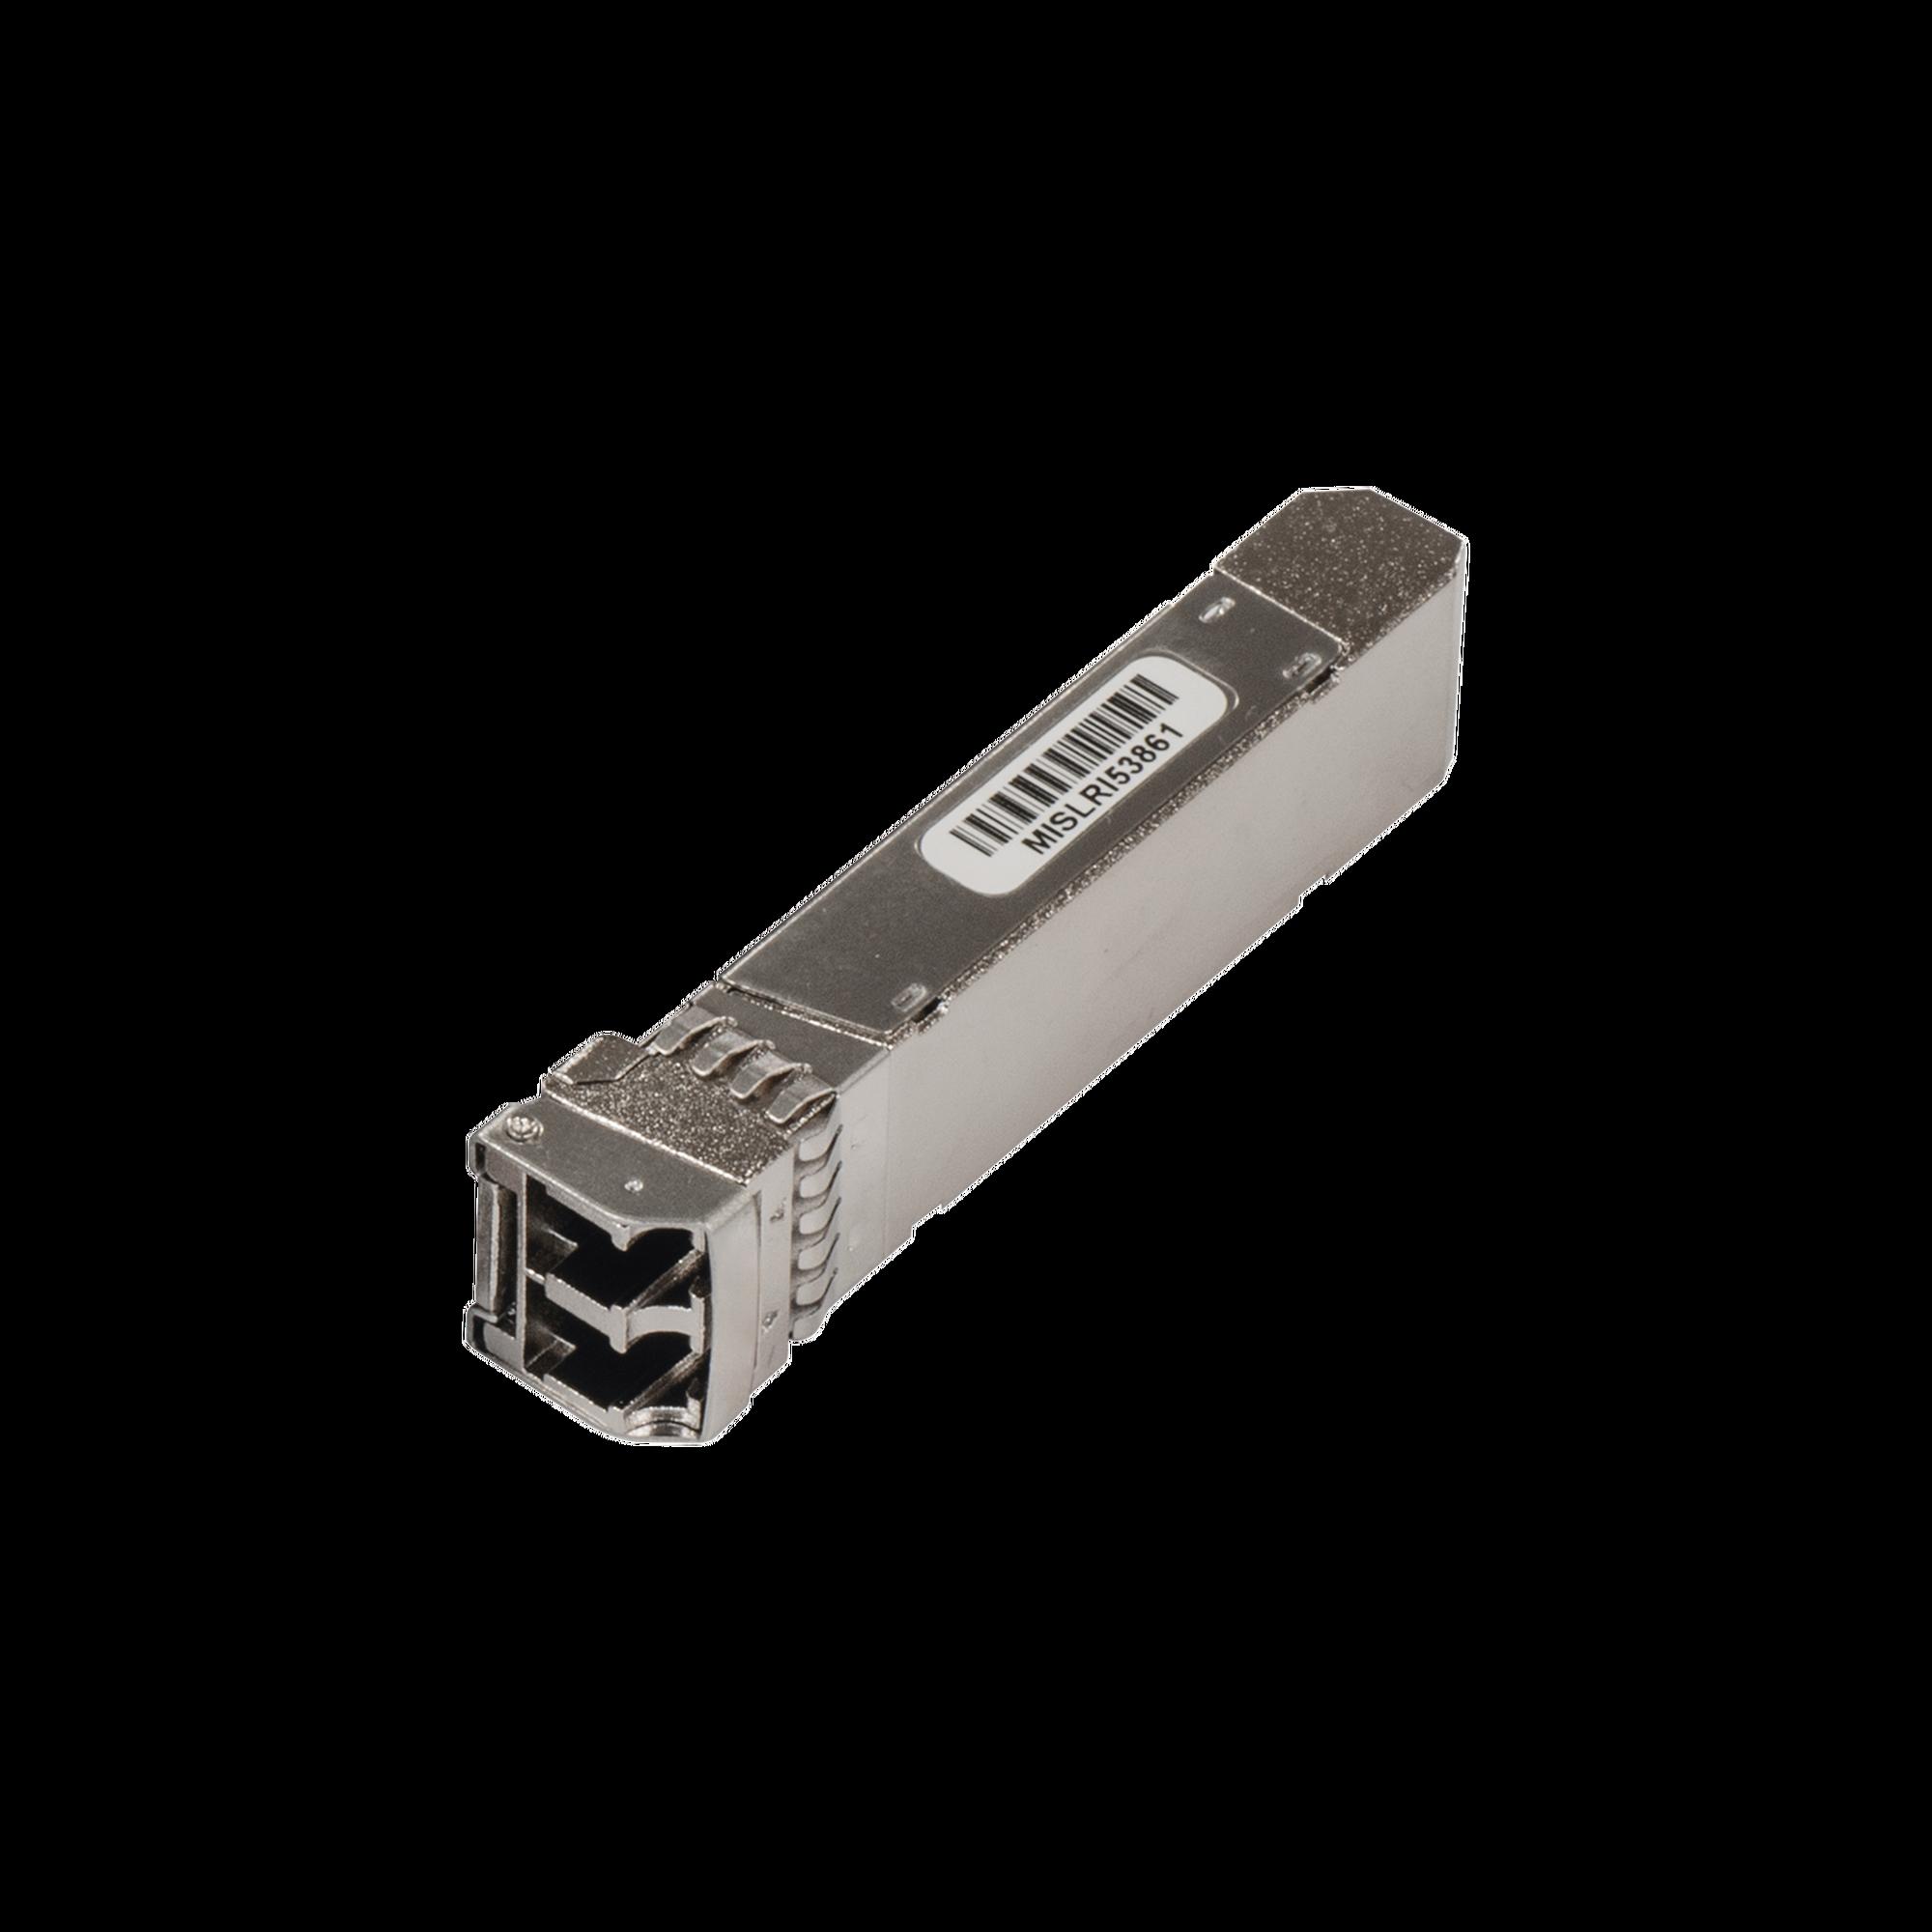 SFP CWDM module 1.25G SM 40km 1470nm Dual LC-connector DDM